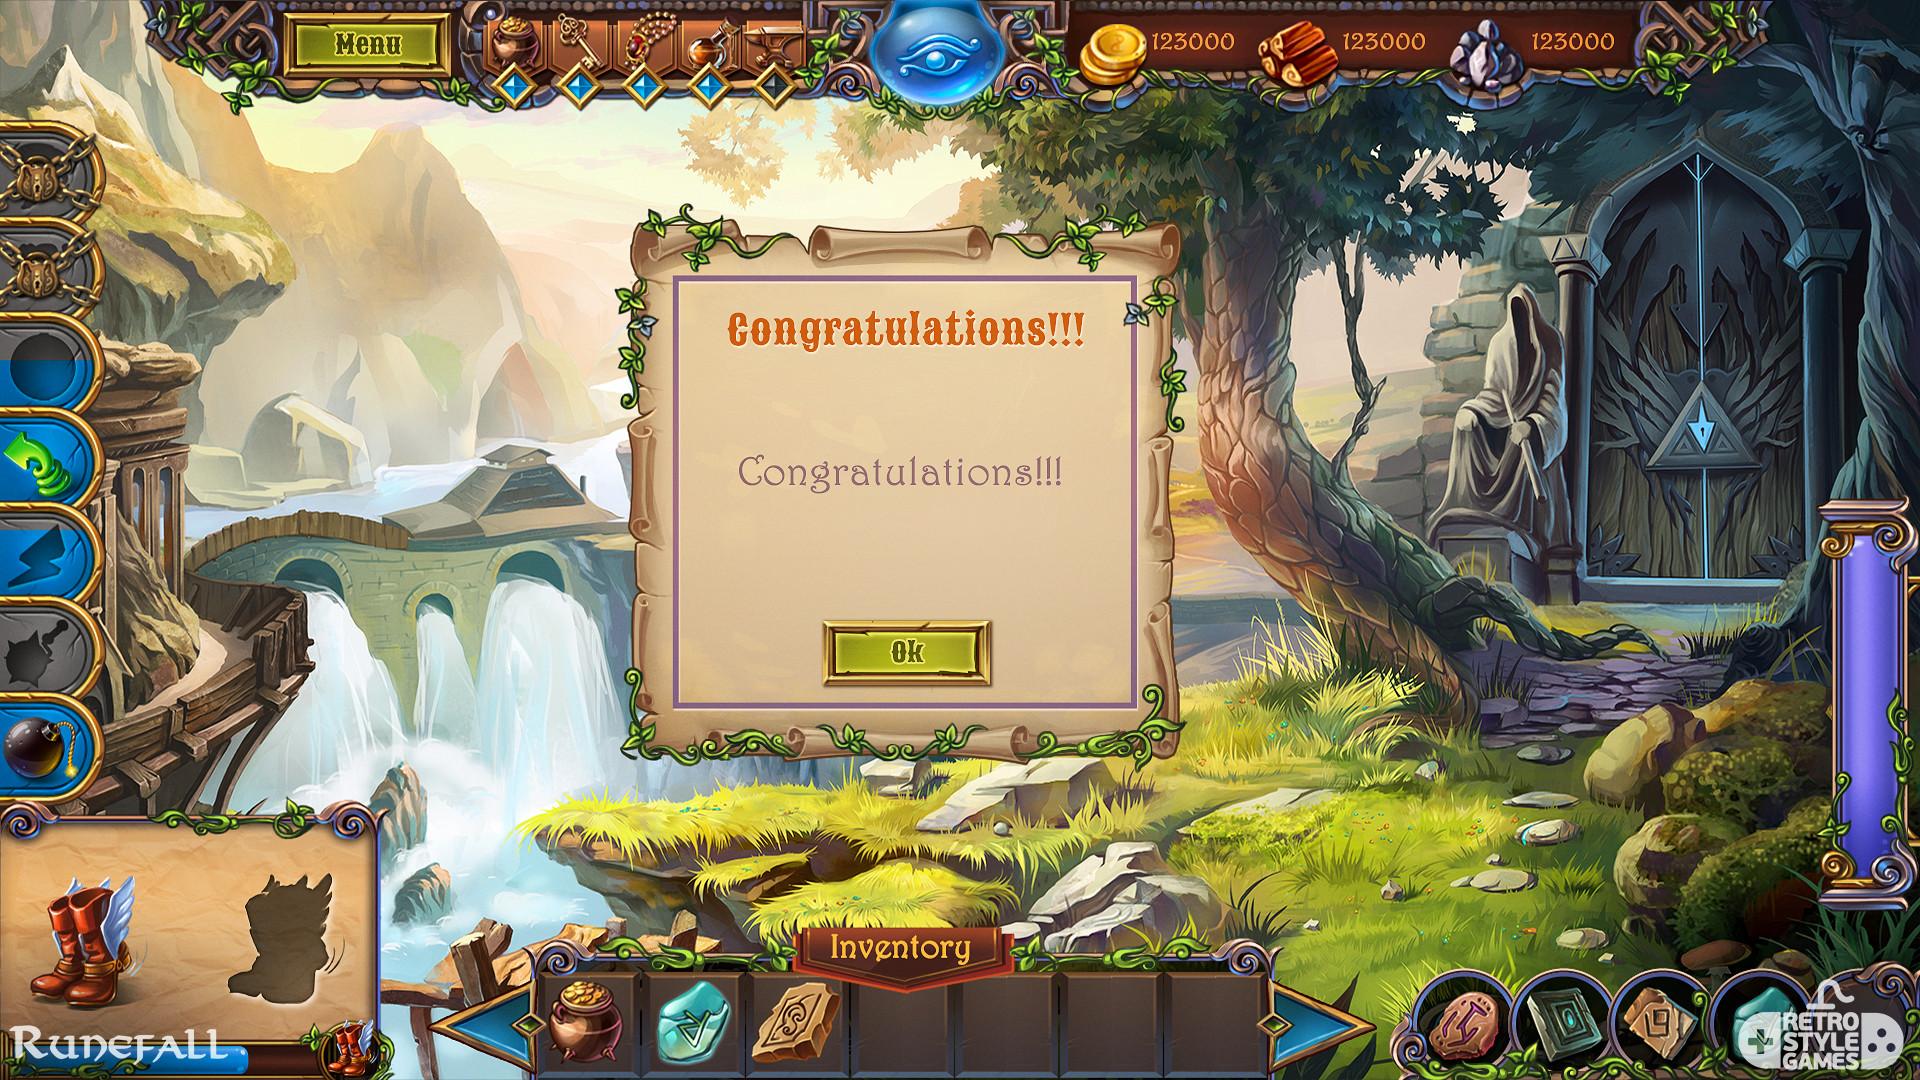 Game User Interface Runefall Match3 GUI